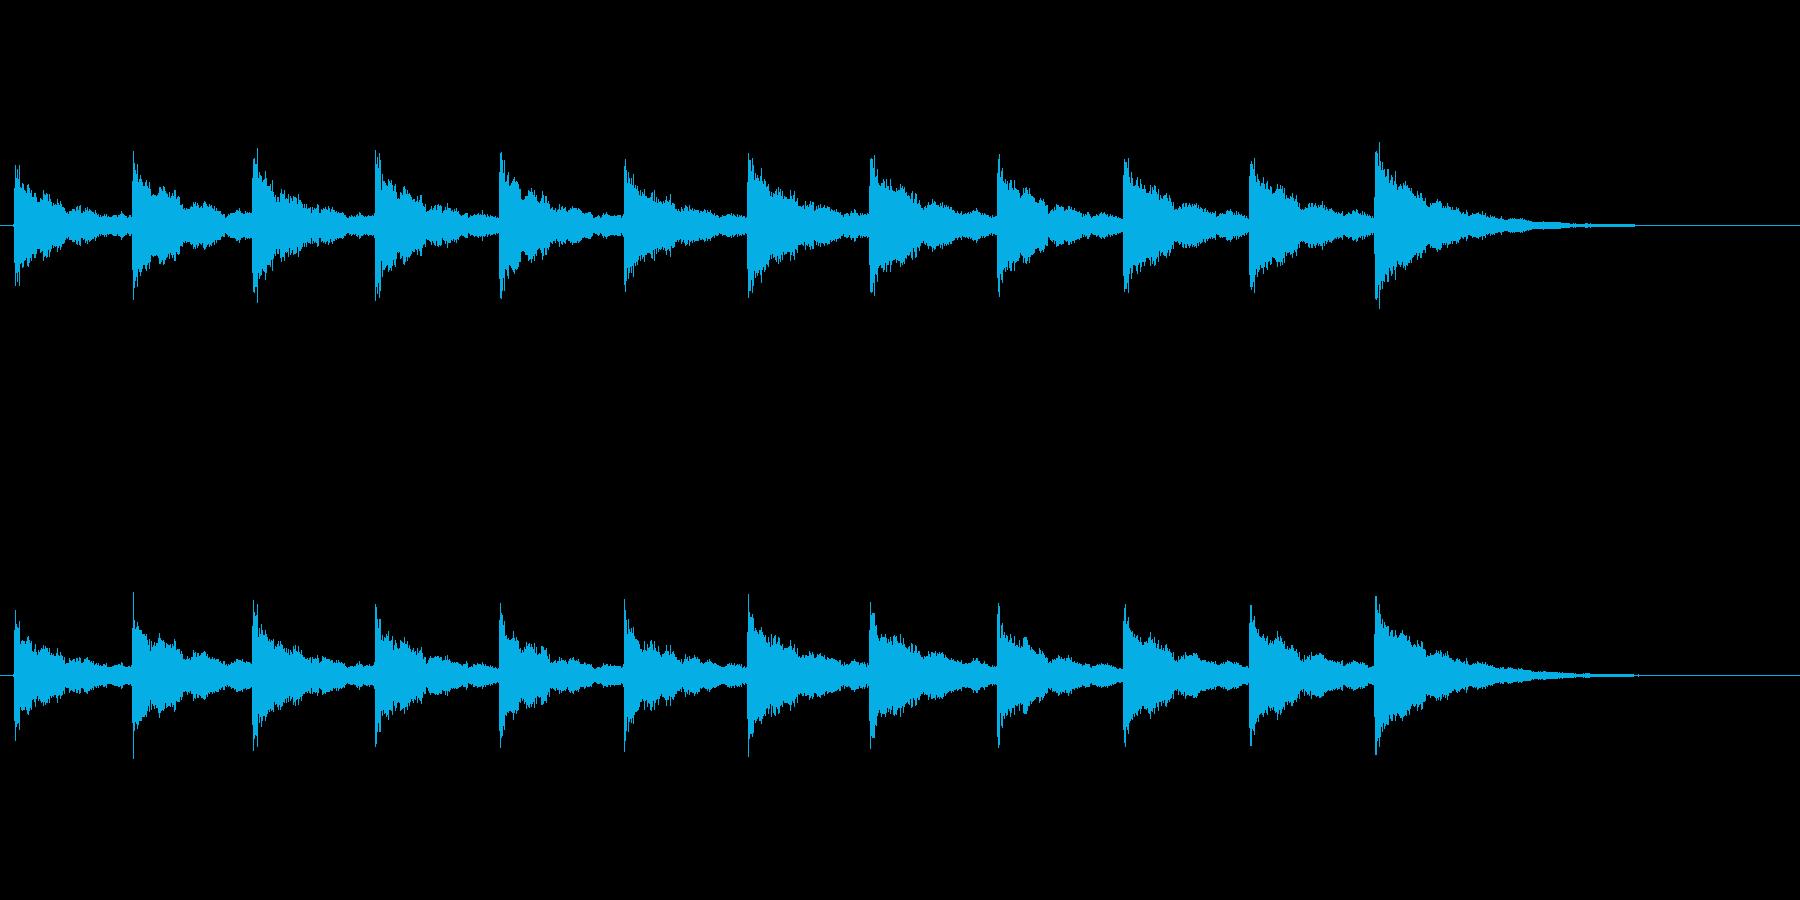 鐘の音 (12時)の再生済みの波形